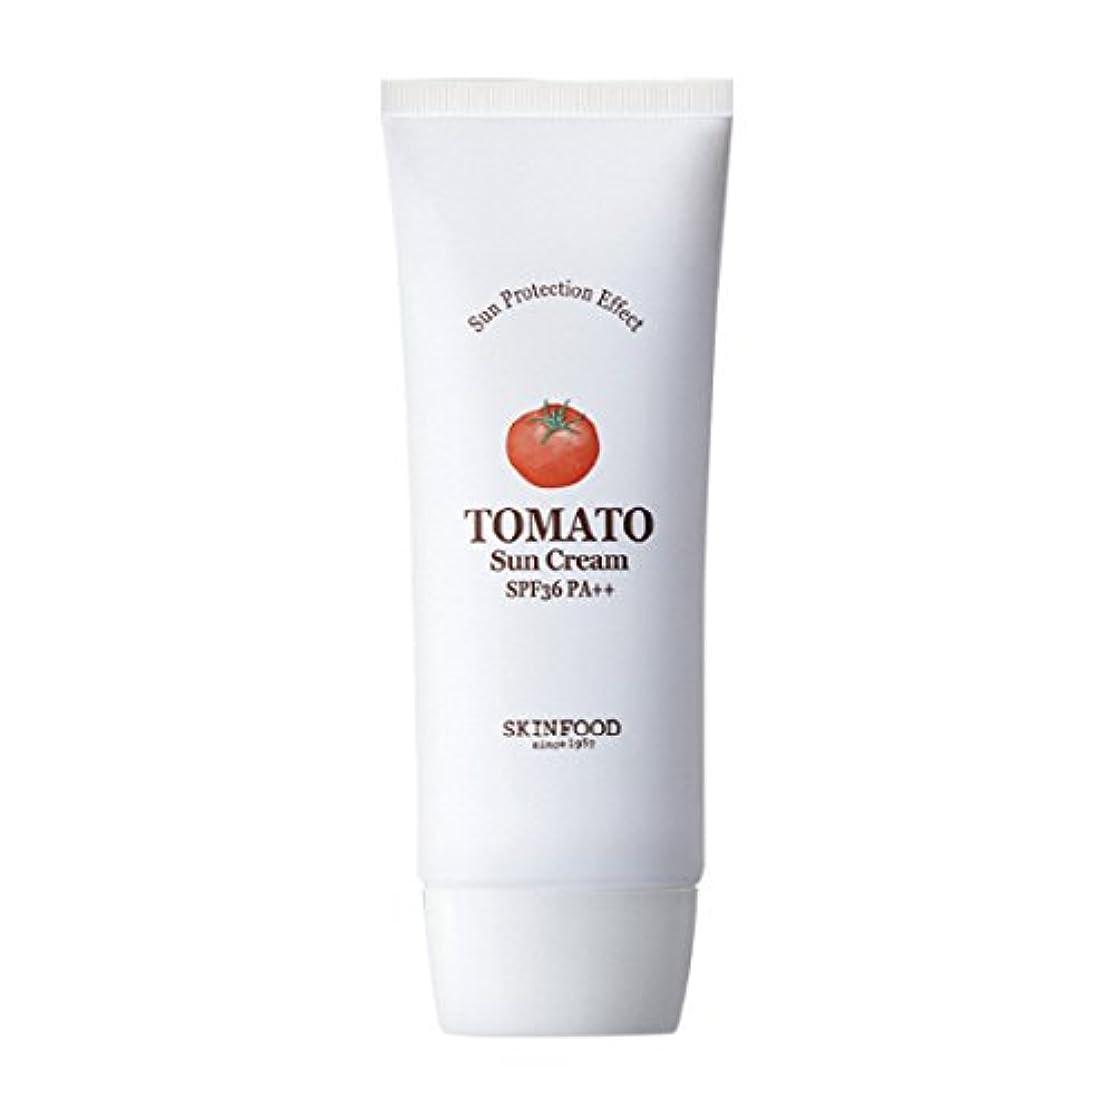 災難ワームネコSkinfood トマトサンクリームSPF 36 PA ++(UVプロテクション) / Tomato Sun Cream SPF 36 PA++ (UV Protection) 50ml [並行輸入品]